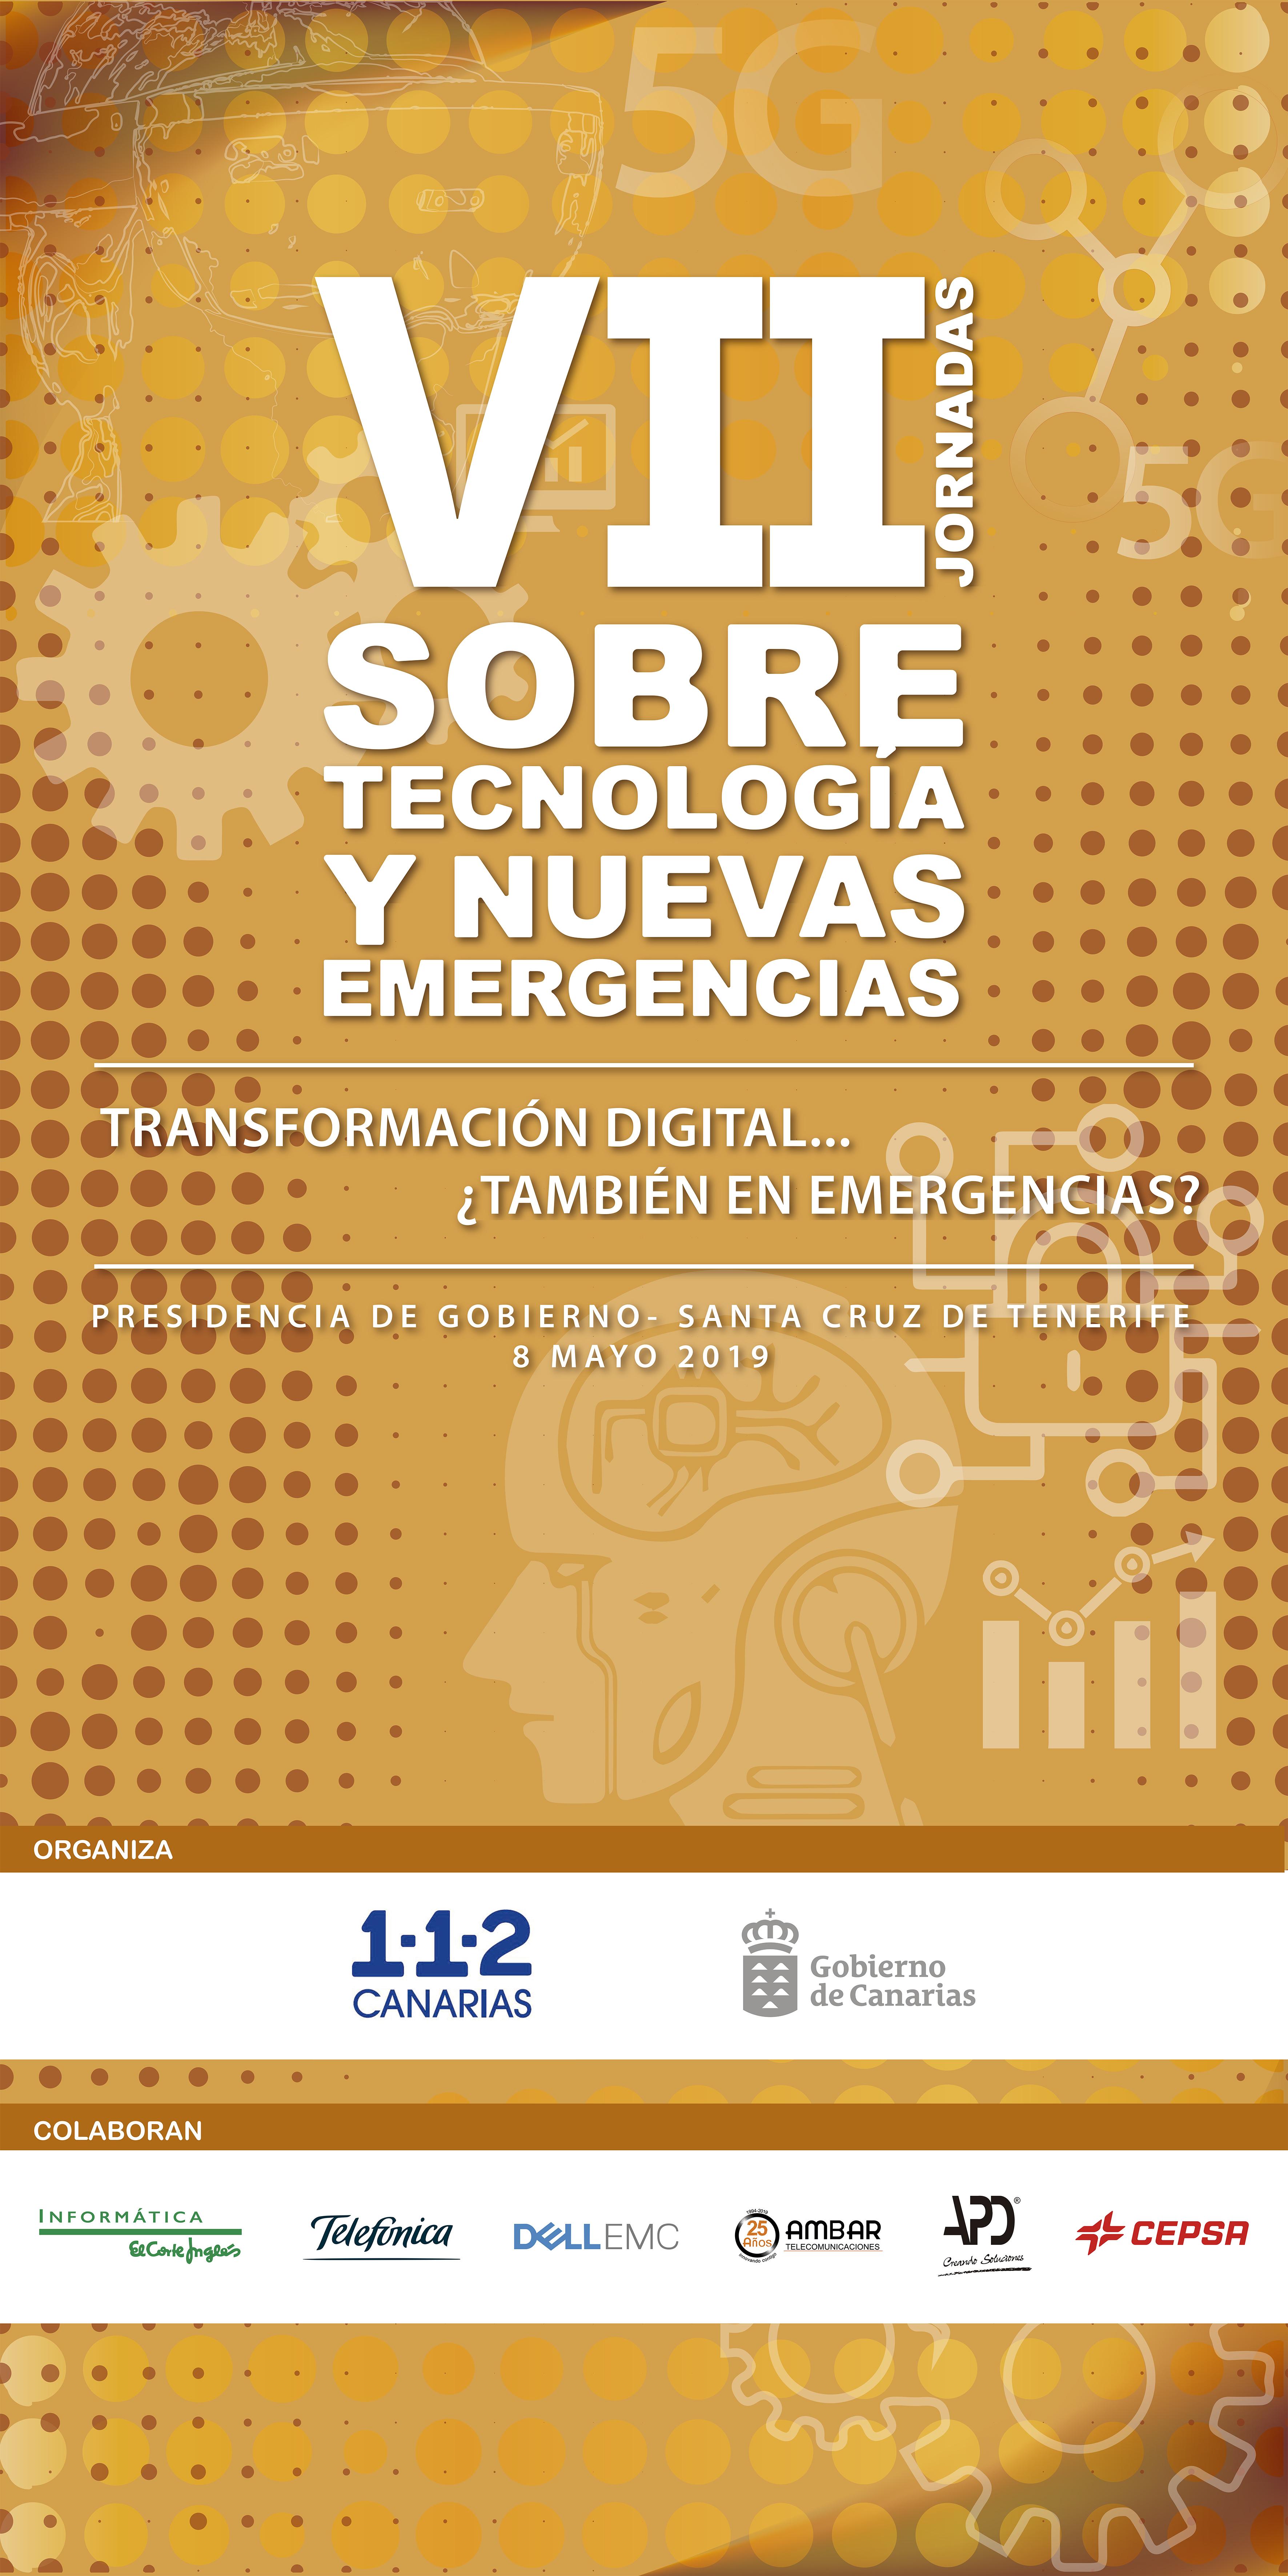 VII Jornadas de Tecnología y Nuevas Emergencias